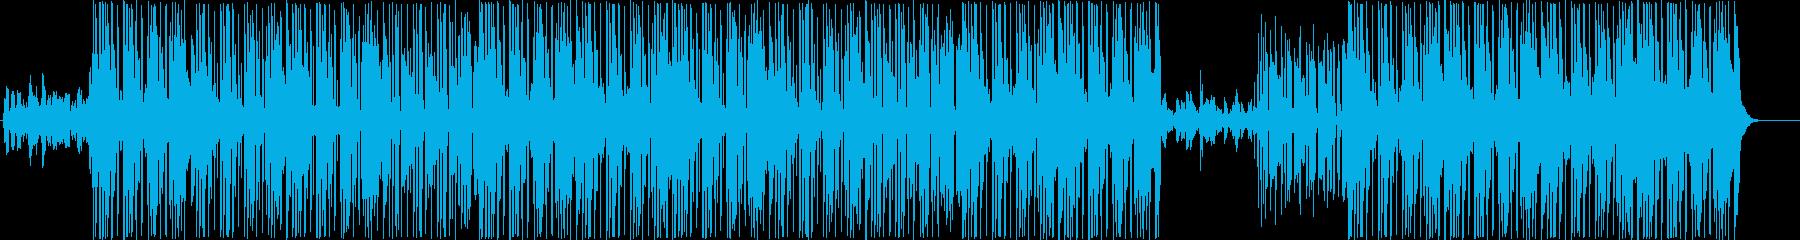 ミッドテンポファンク、ポップトラック♪の再生済みの波形